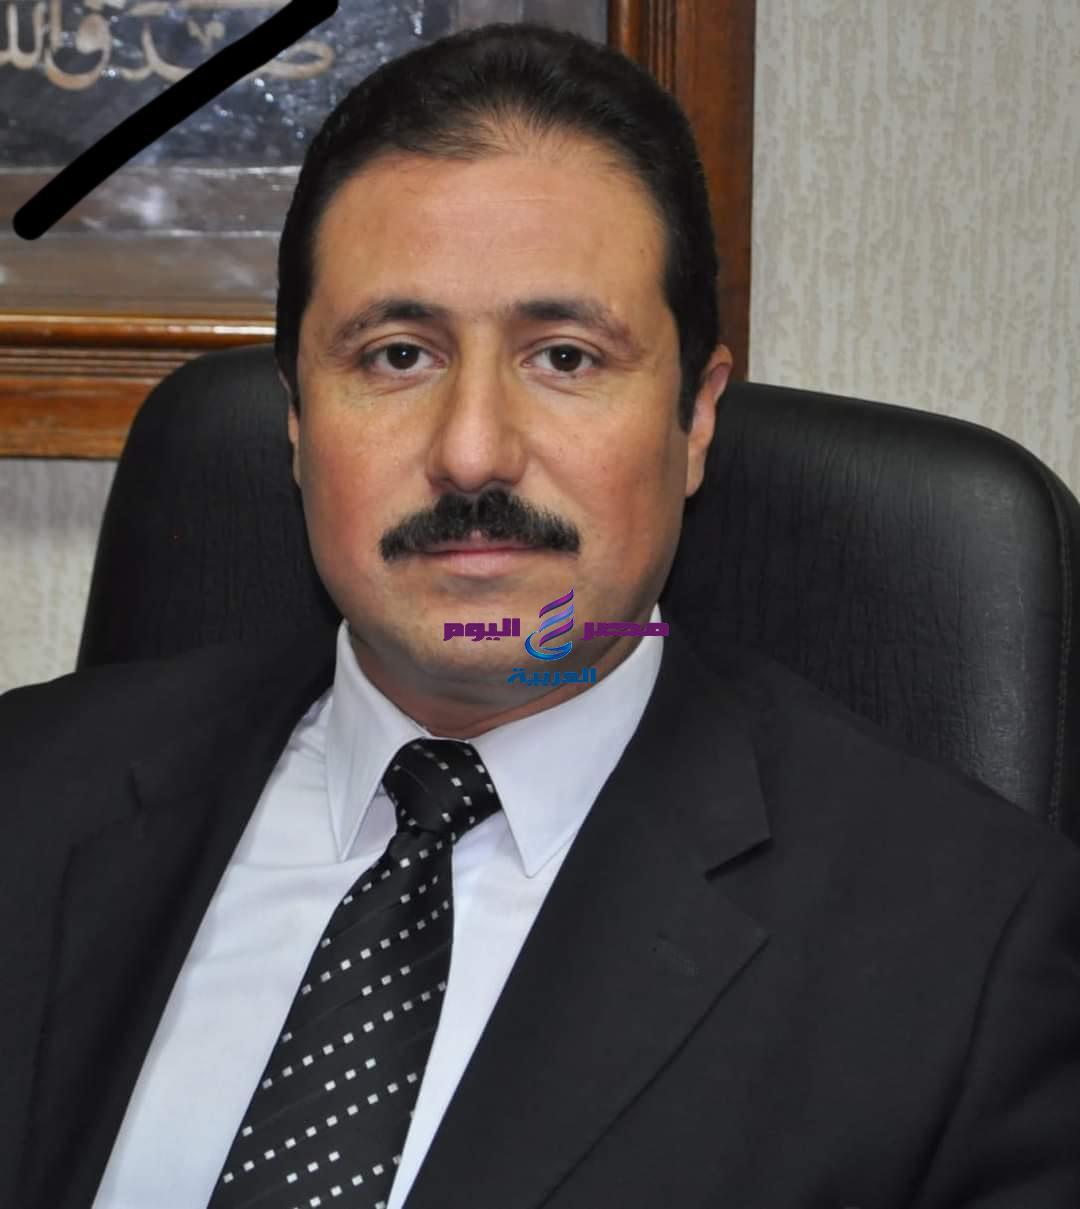 وزير الشباب والرياضة ينعي مسؤول المراسم بالوزارة